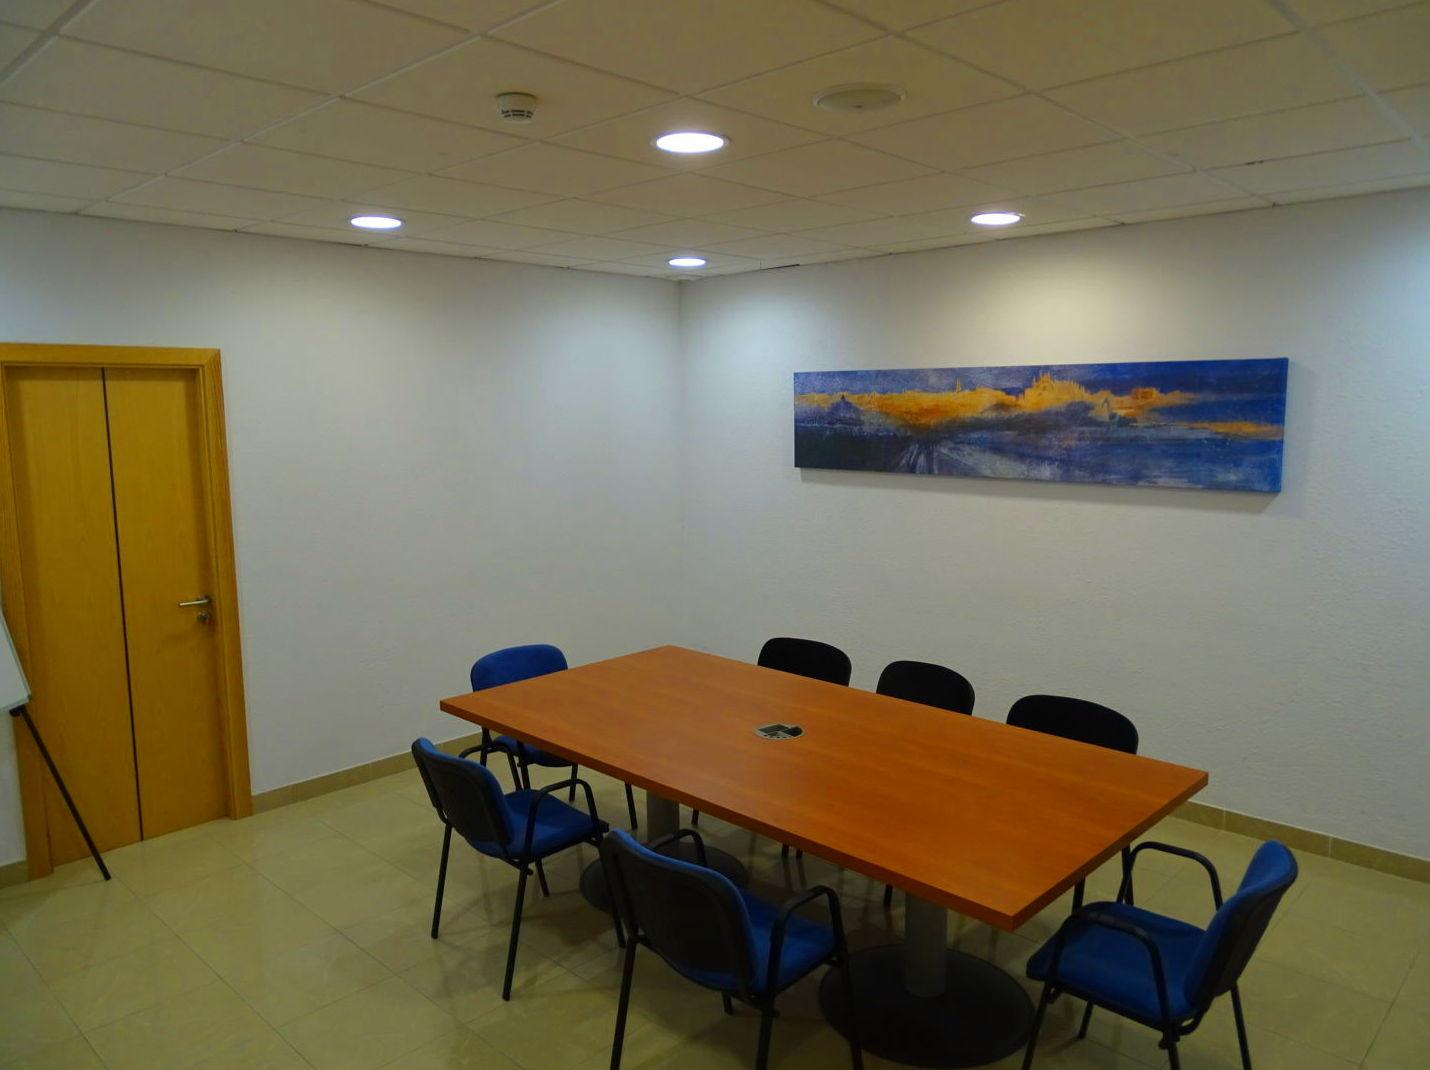 Foto 20 de Alquiler salas totalmente equipadas en Palma de Mallorca | Centro de negocios Son Castelló